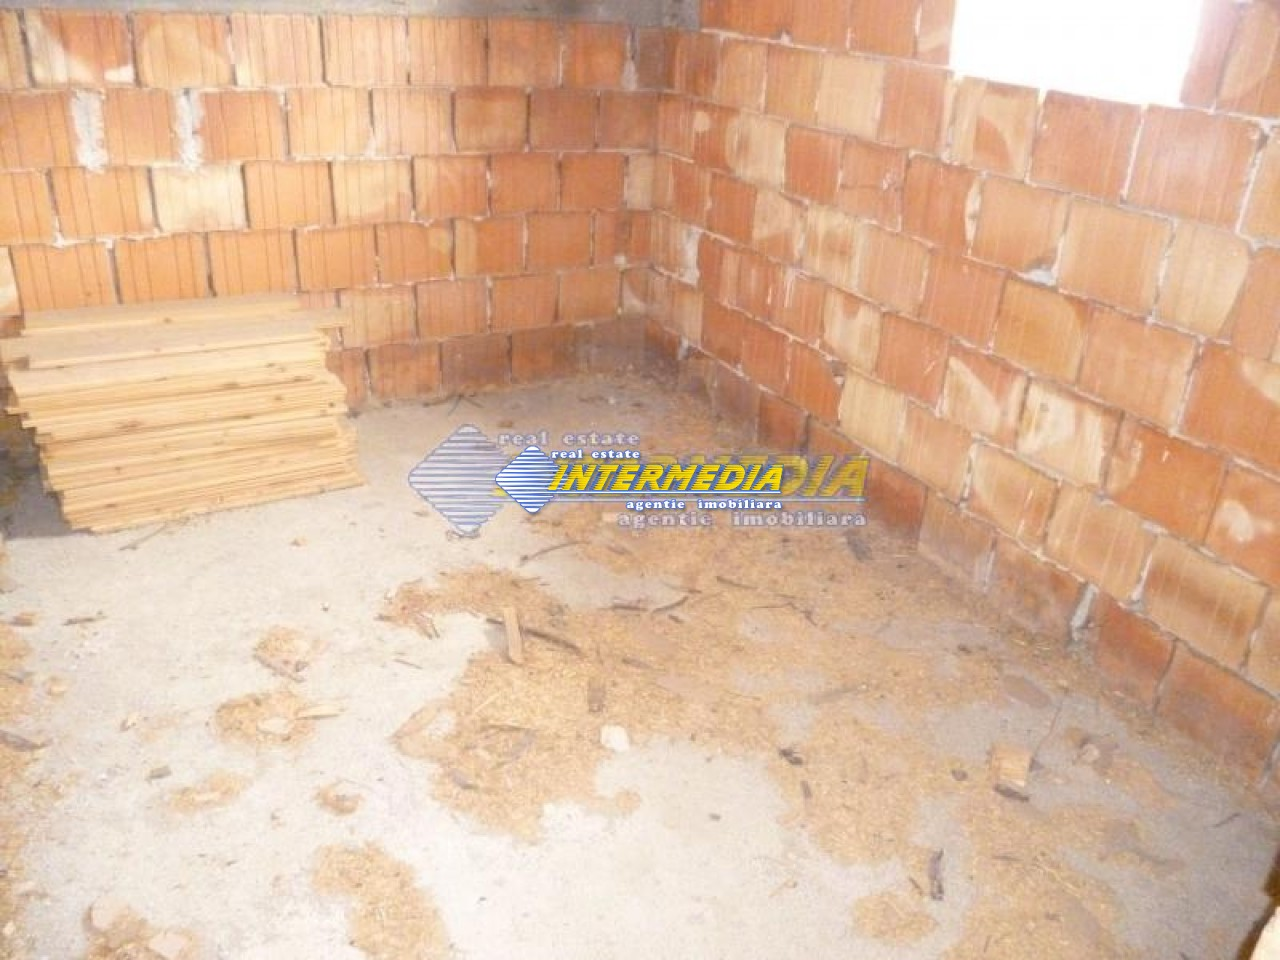 Casa de vanzare Alba Iulia in rosu 40000 Euro-17777-7